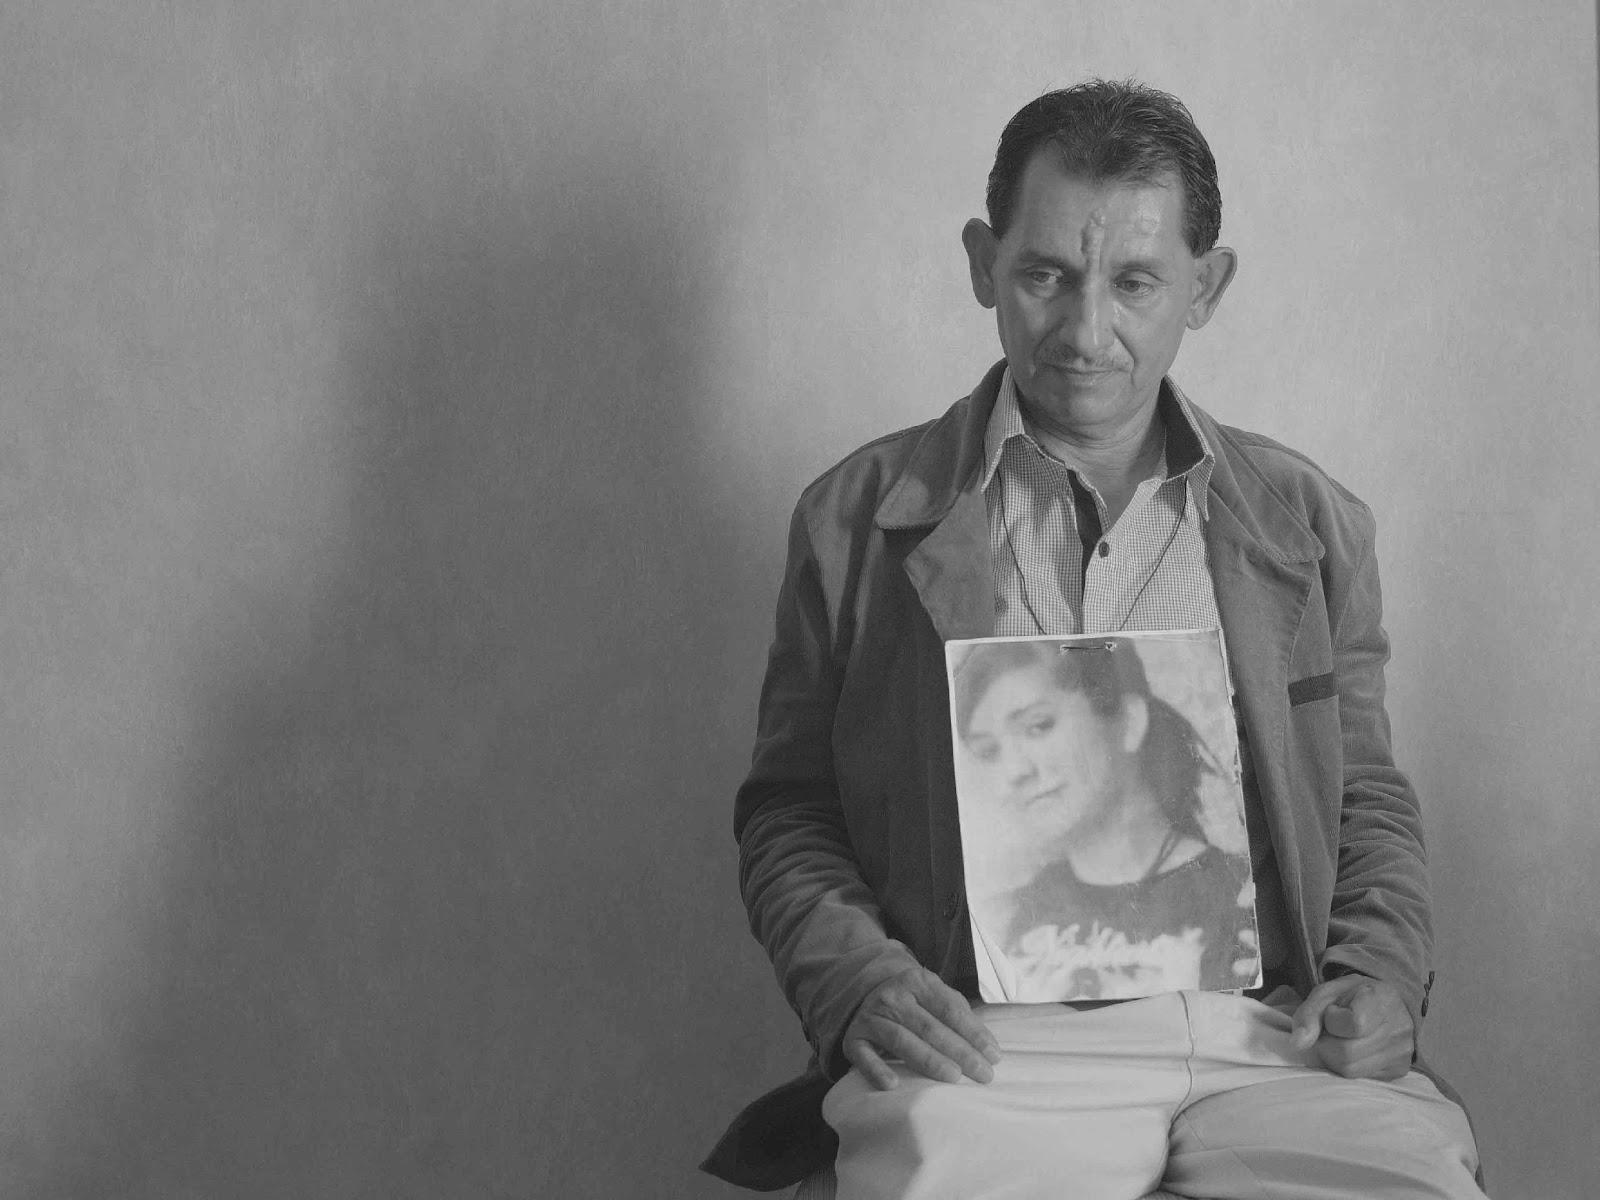 Imagen que contiene persona, pared, hombre, sentado  Descripción generada automáticamente